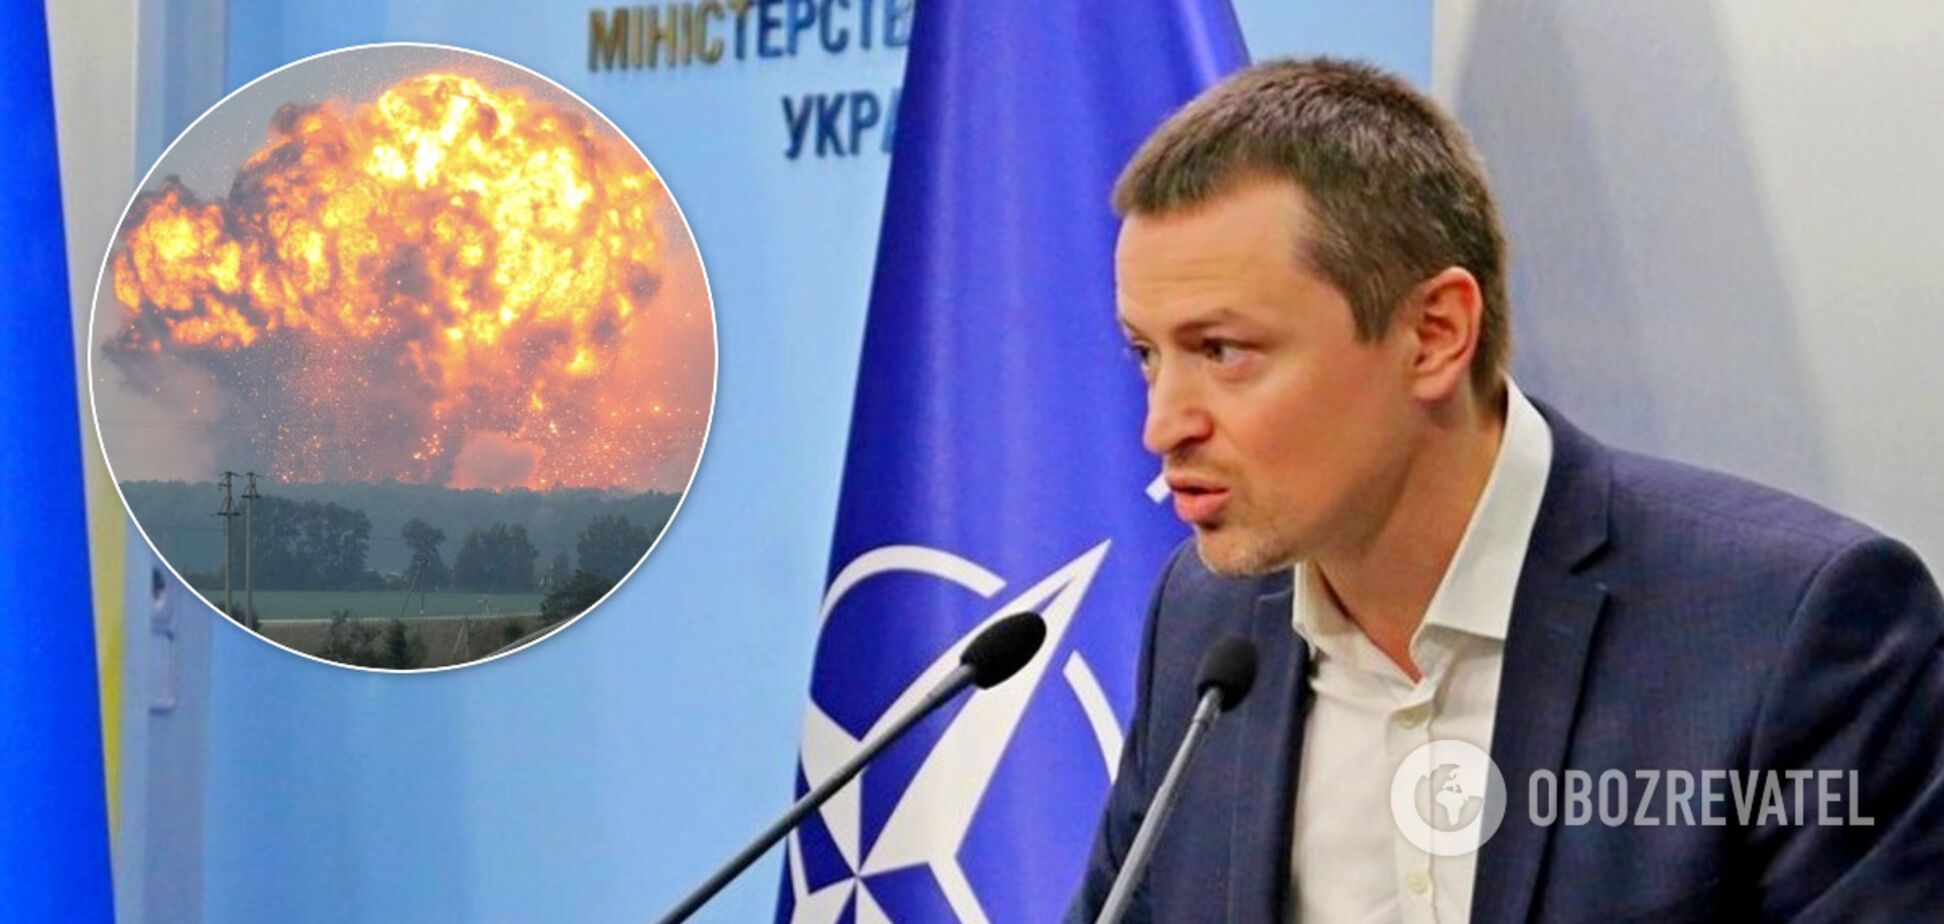 В Украине решили защитить военные склады от взрывов: что известно